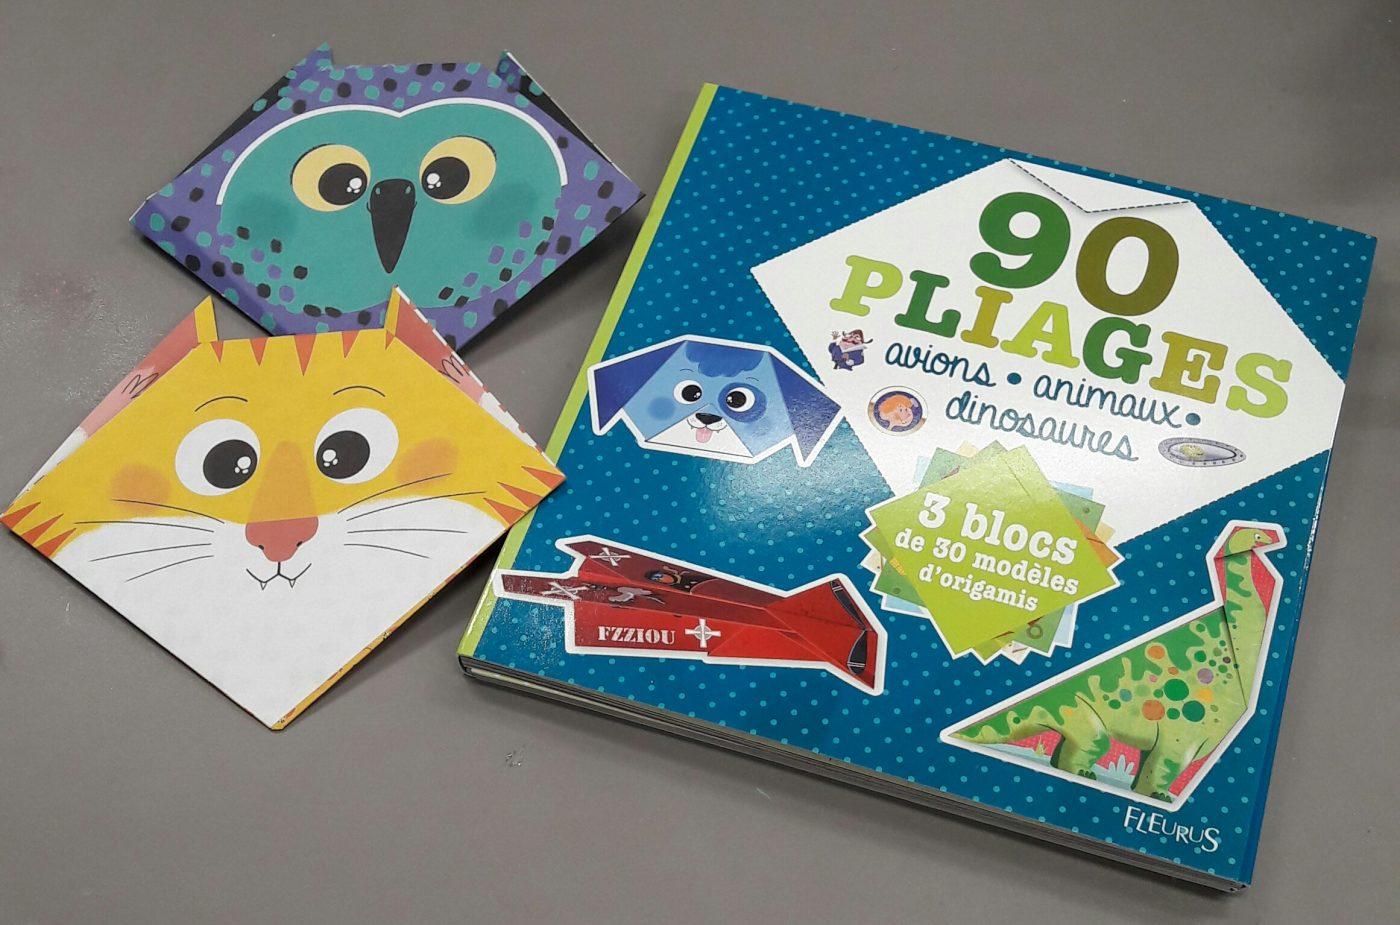 J'ai testé pour vous le livre 90 pliages avions - animaux - dinosaures